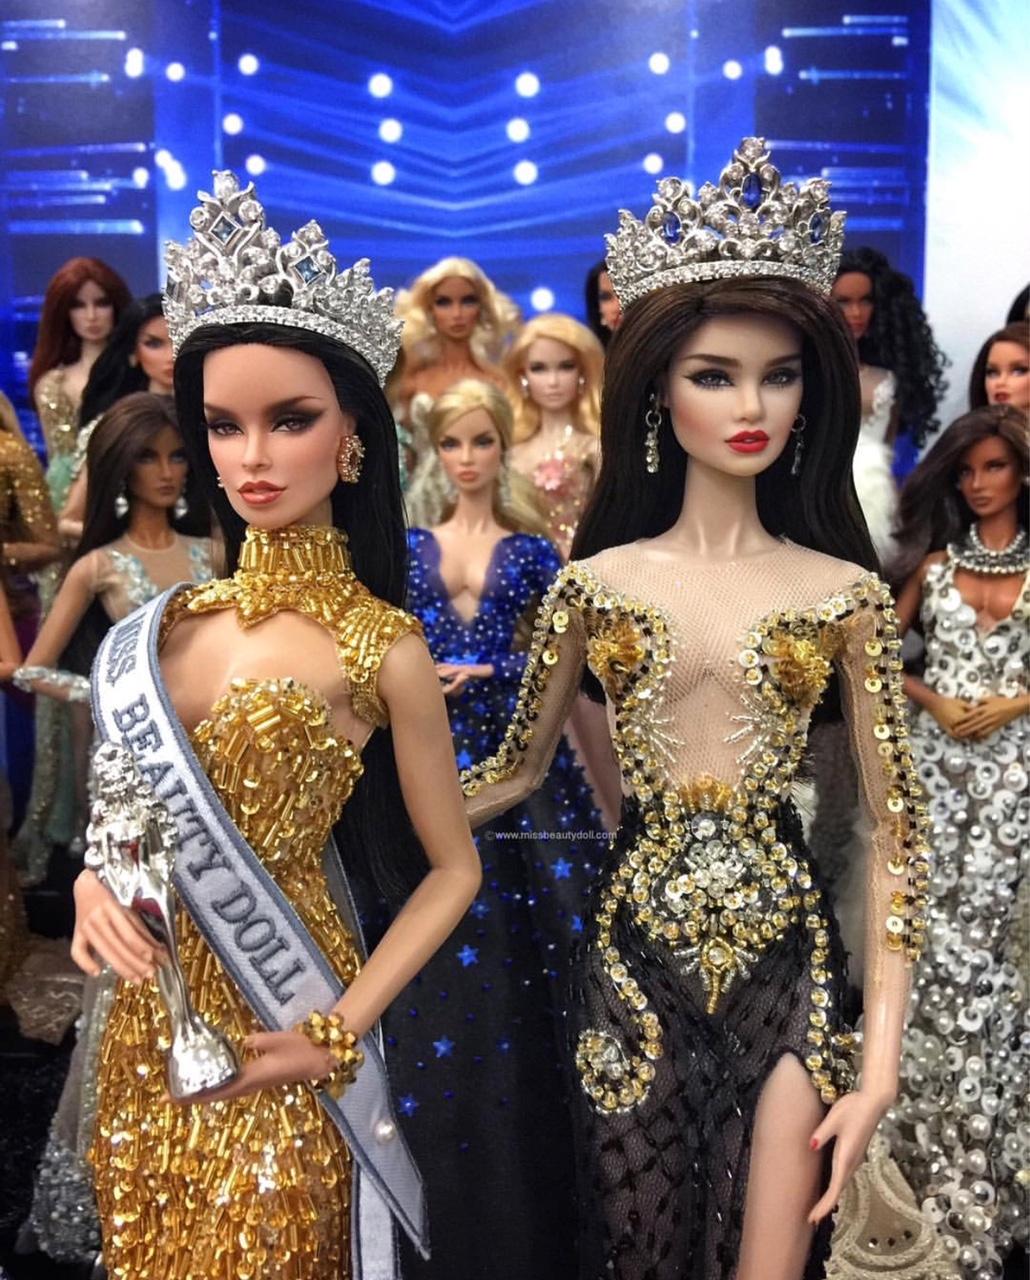 Cassandra bersama Miss Beauty Doll 2017 dari Jepun.